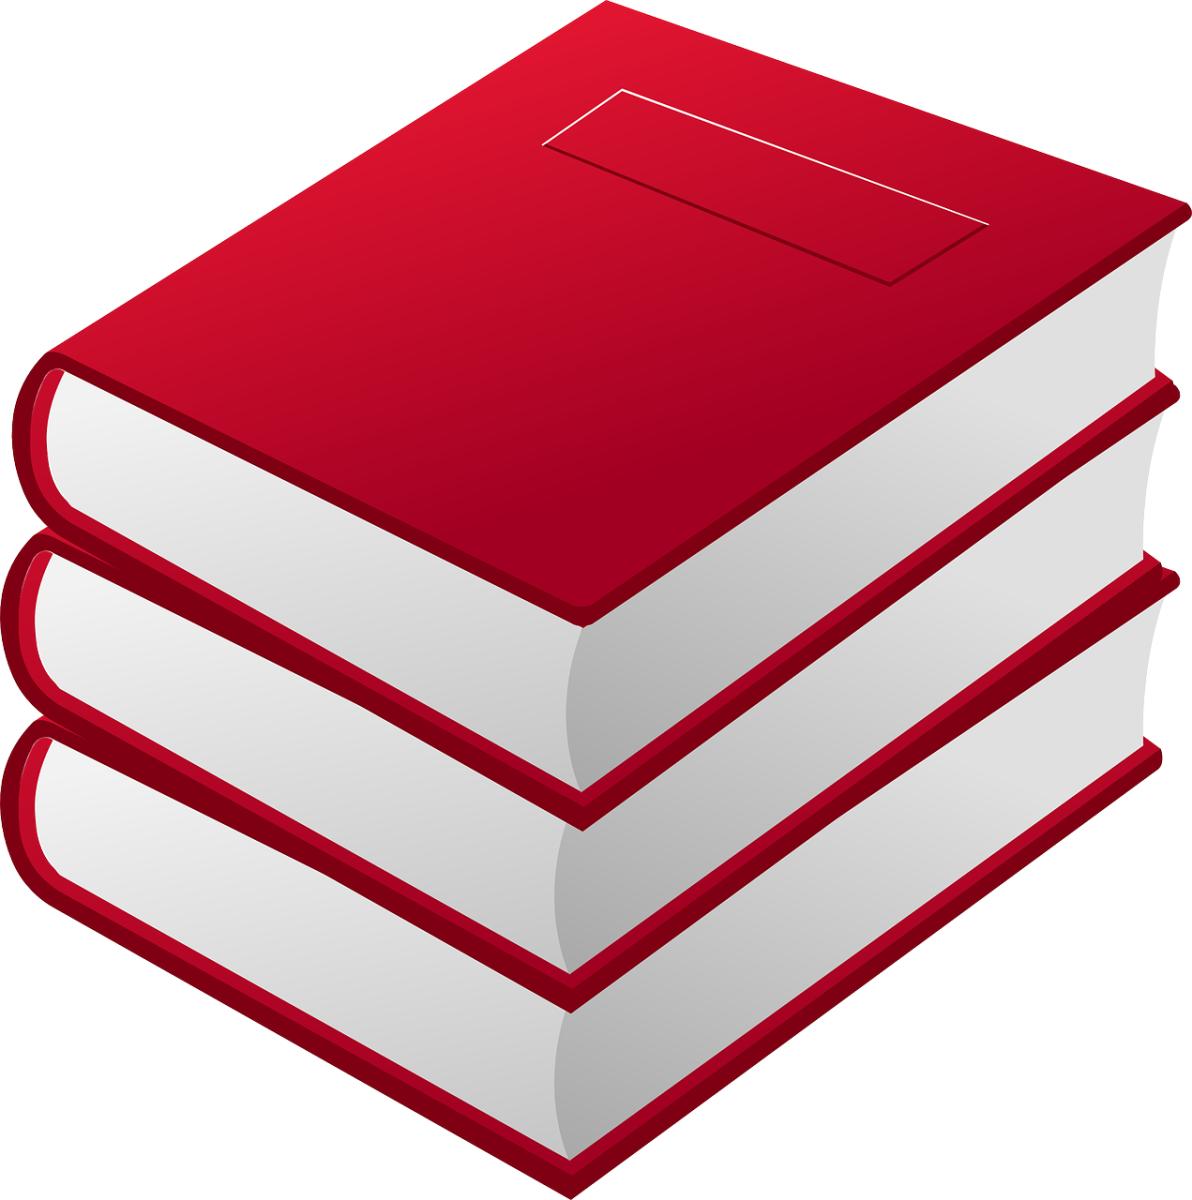 יחסי ציבור לספרים